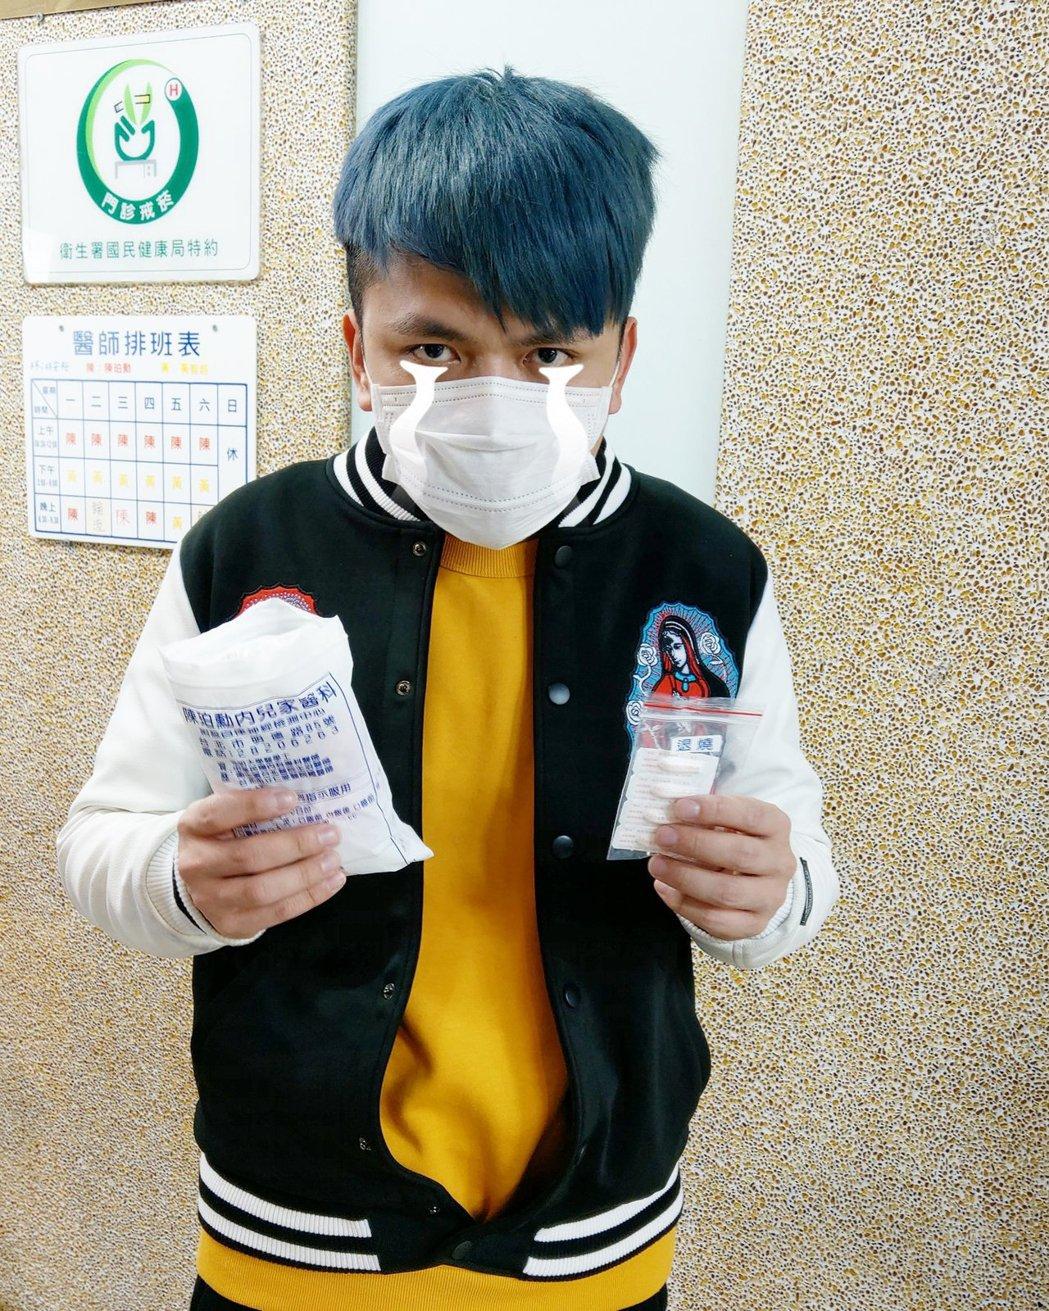 蔡阿嘎被蔡桃貴傳染也得了流感。 圖/擷自蔡阿嘎臉書